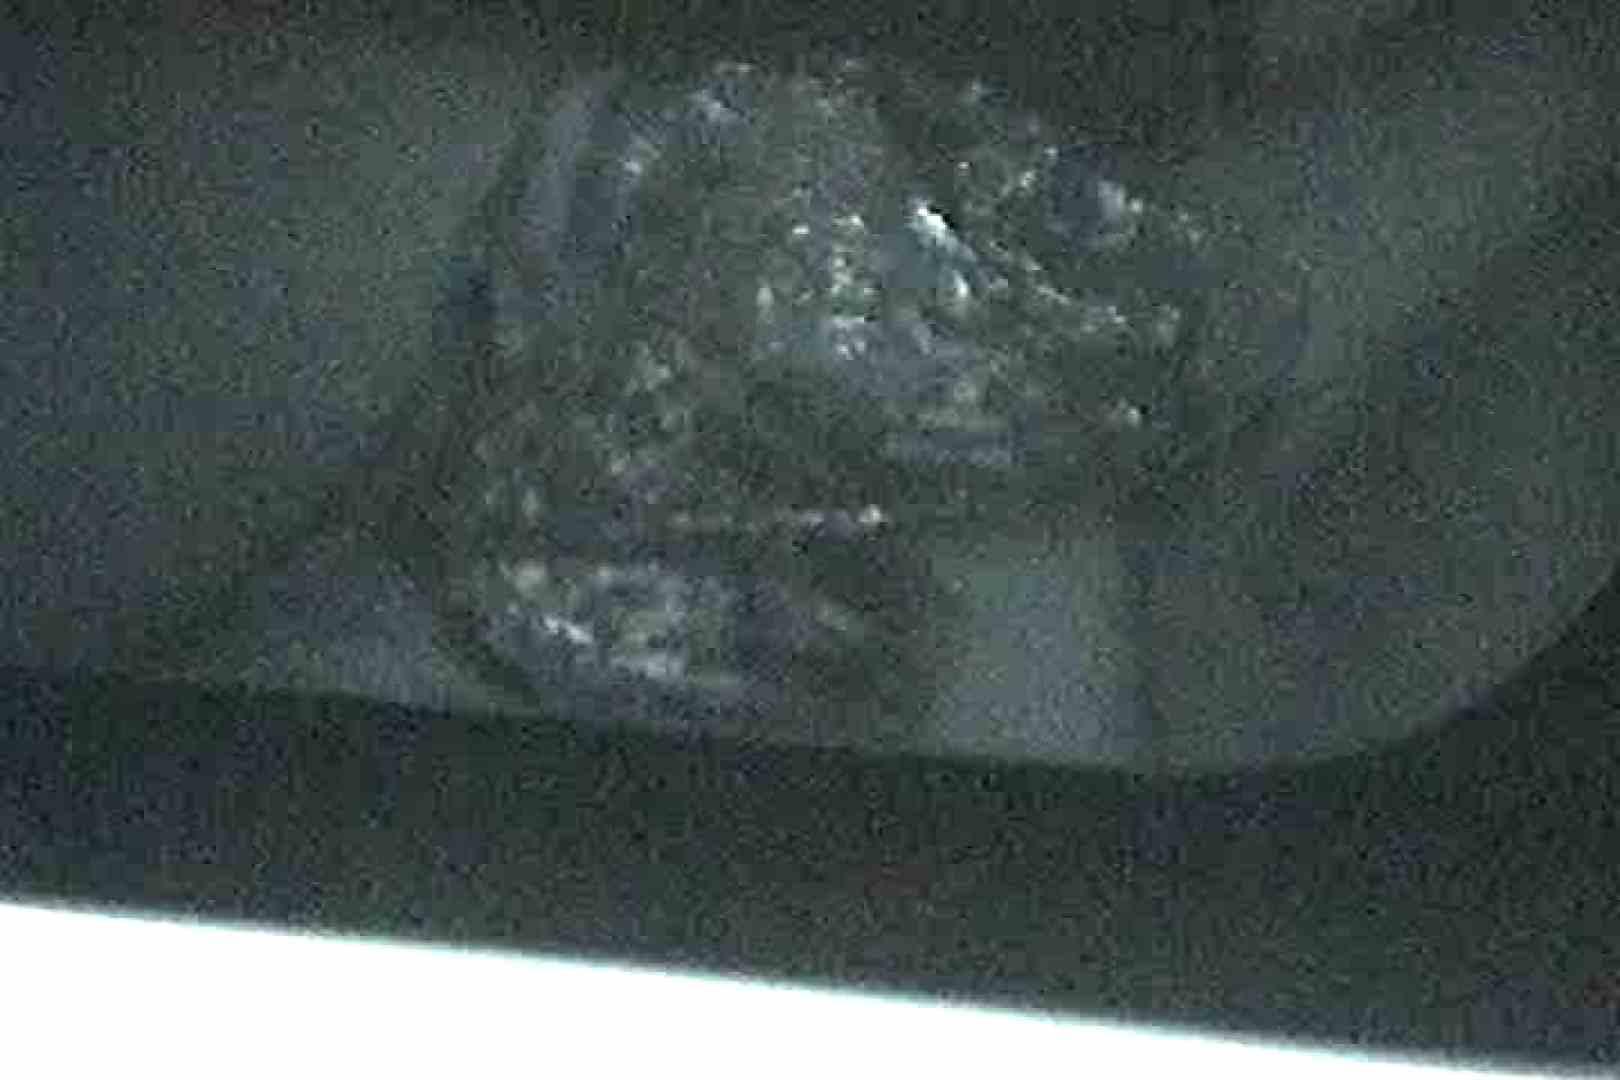 充血監督の深夜の運動会Vol.12 裸体 すけべAV動画紹介 98連発 2